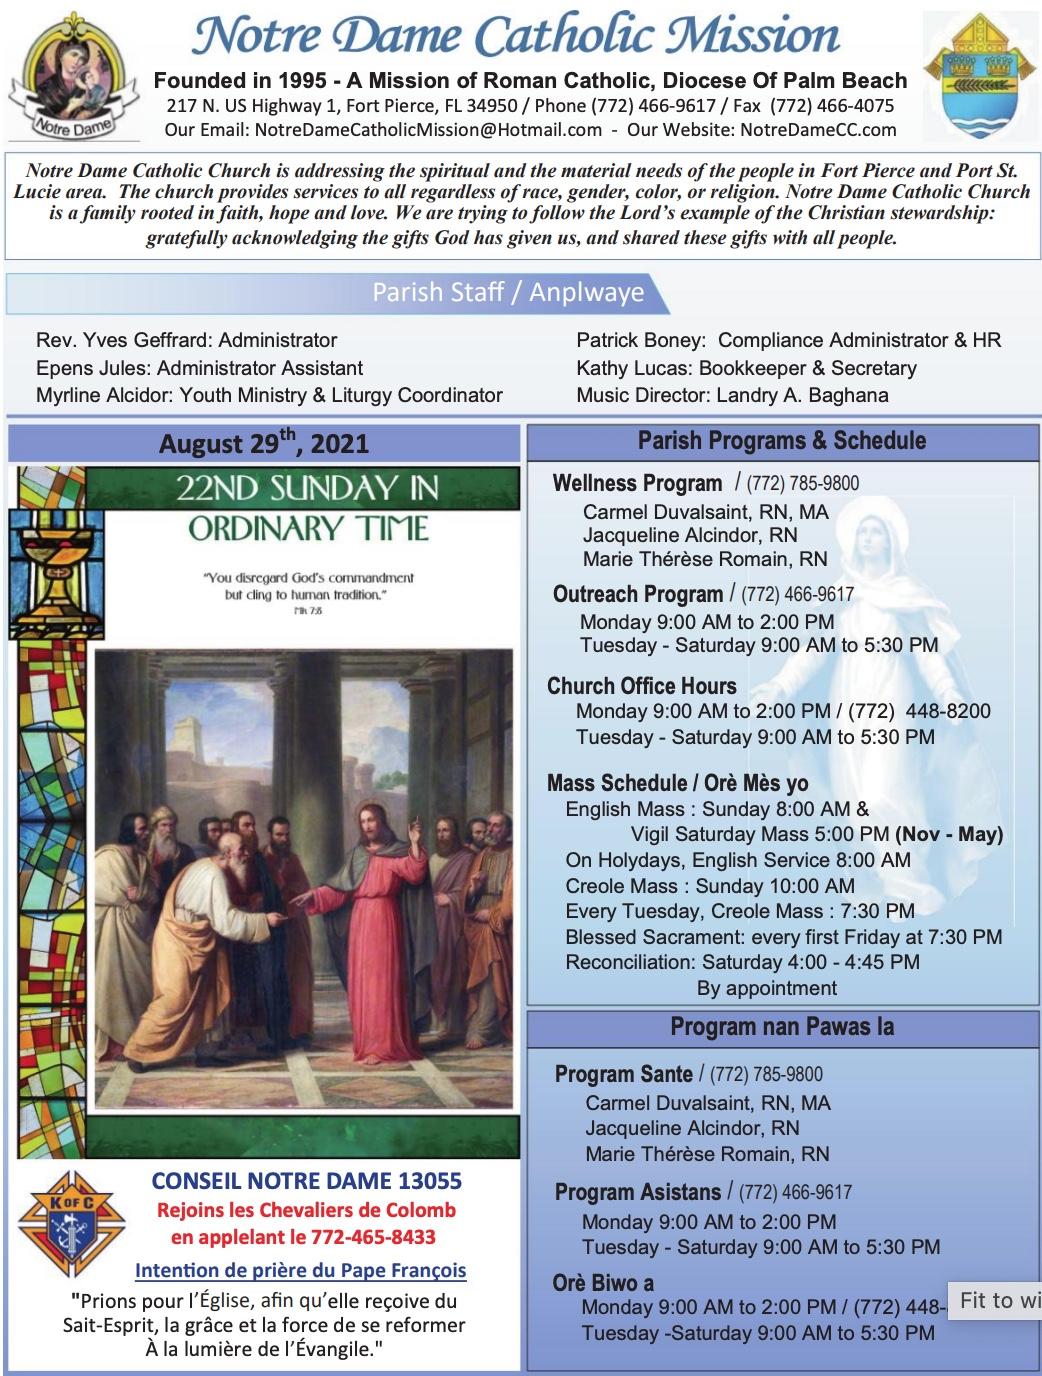 Aug 29, 2021 Bulletin